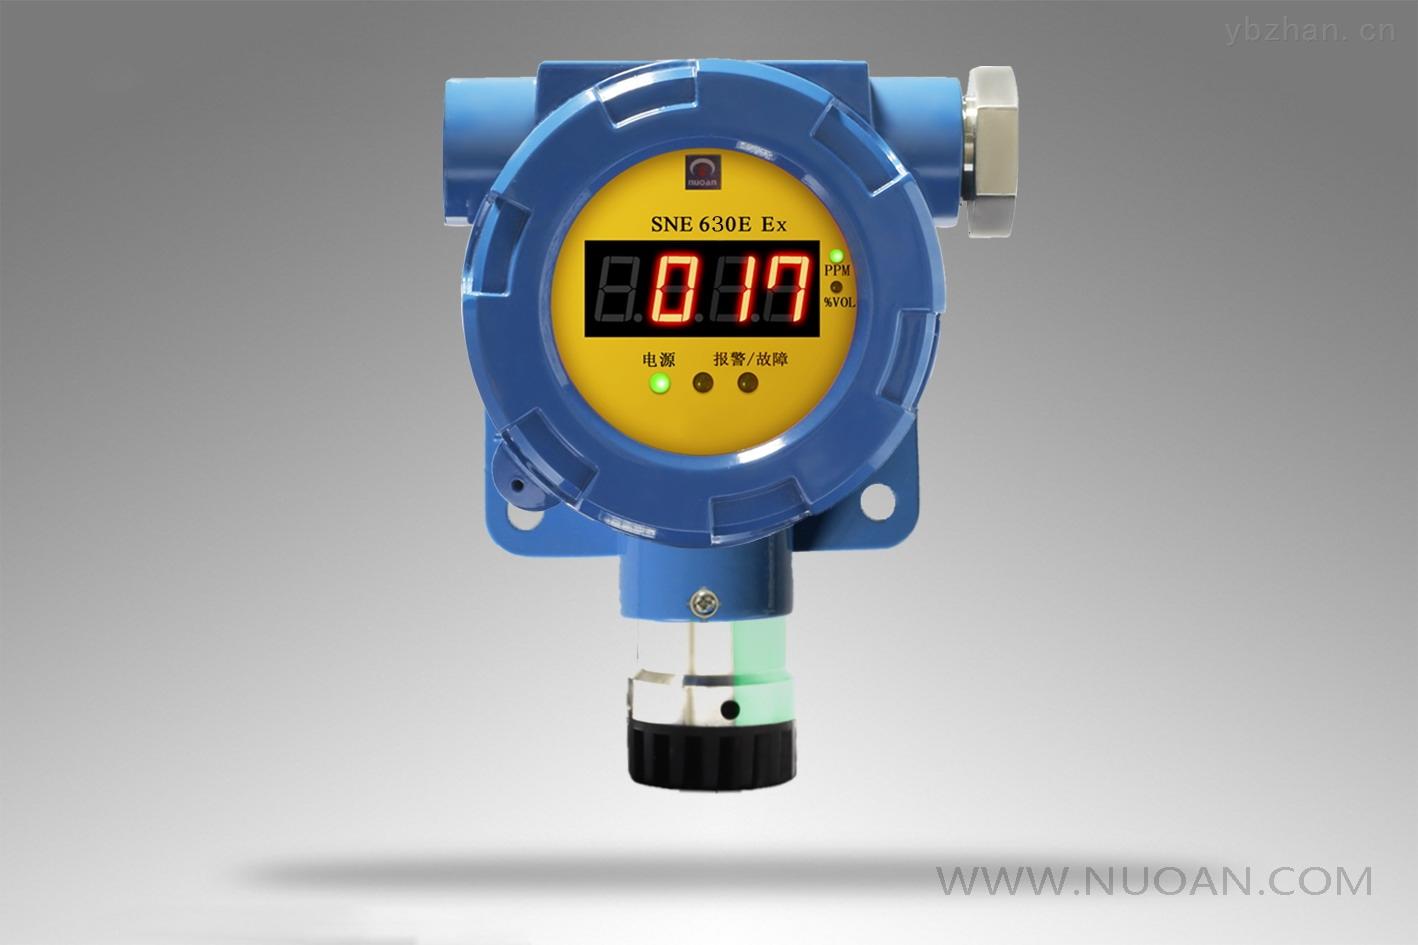 SNE630E 点型有毒气体/氧气探测器